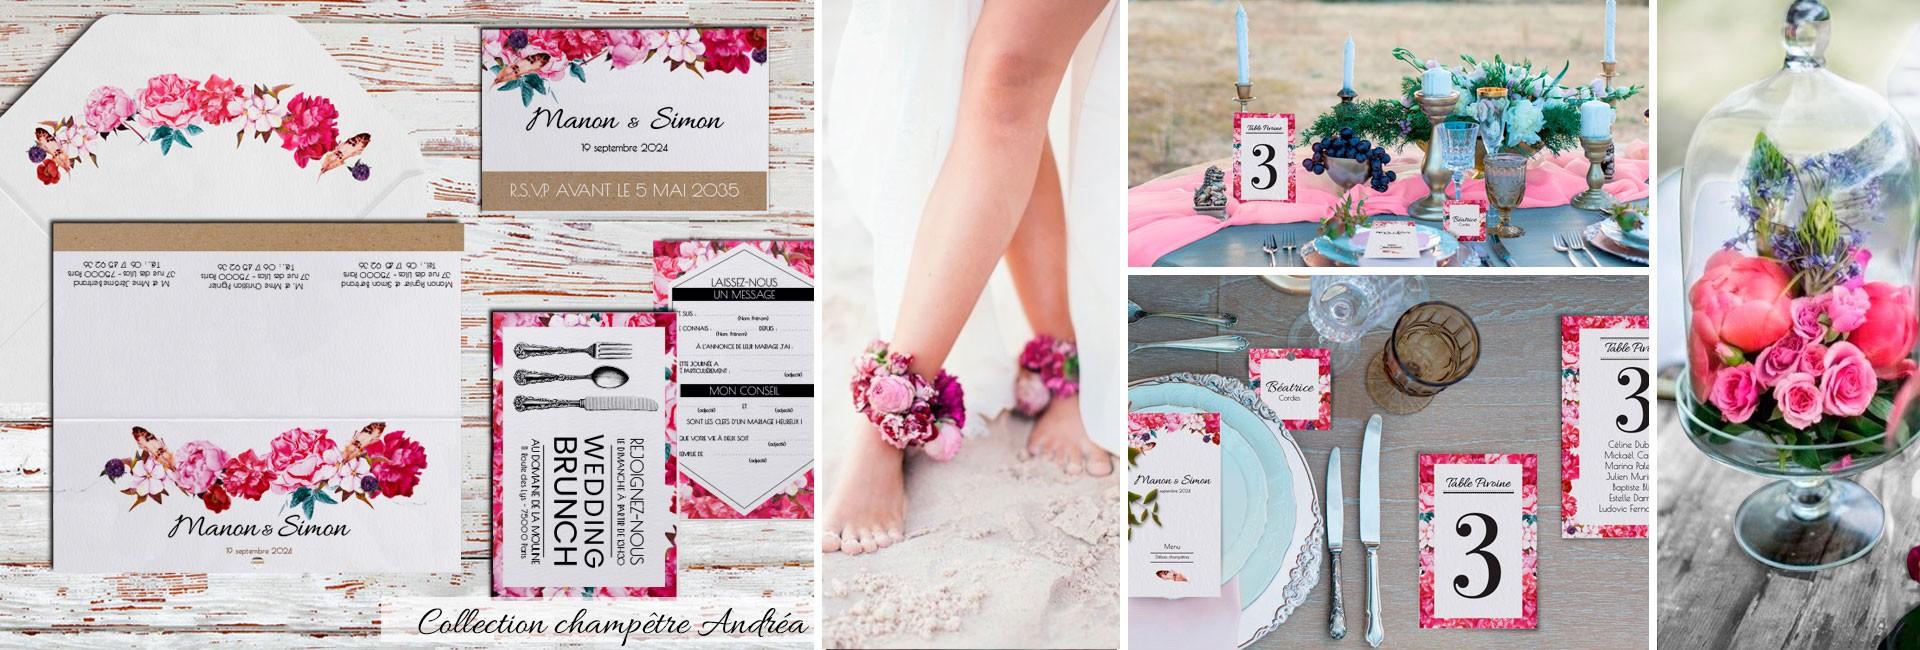 Faire part mariage champêtre collection Andréa